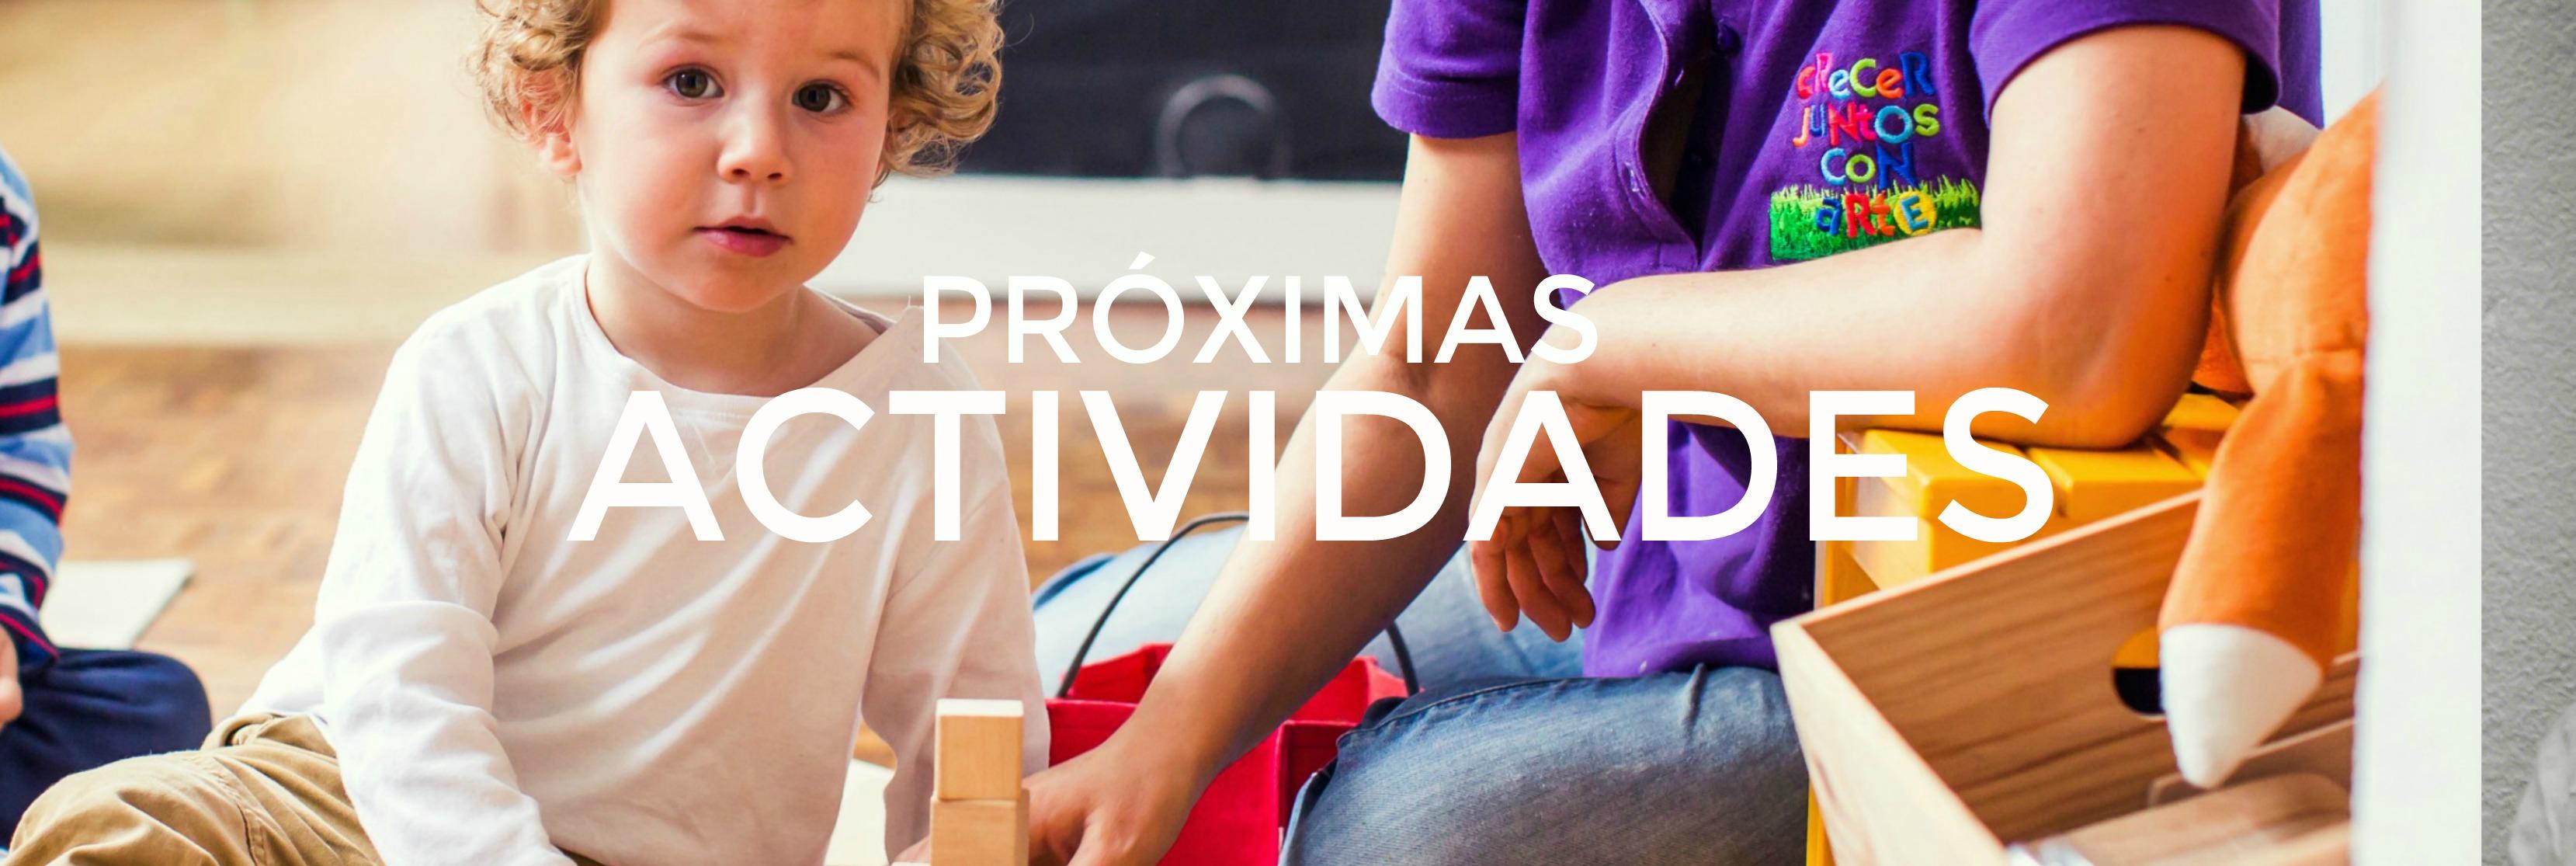 PROXIMAS ACTIVIDADES